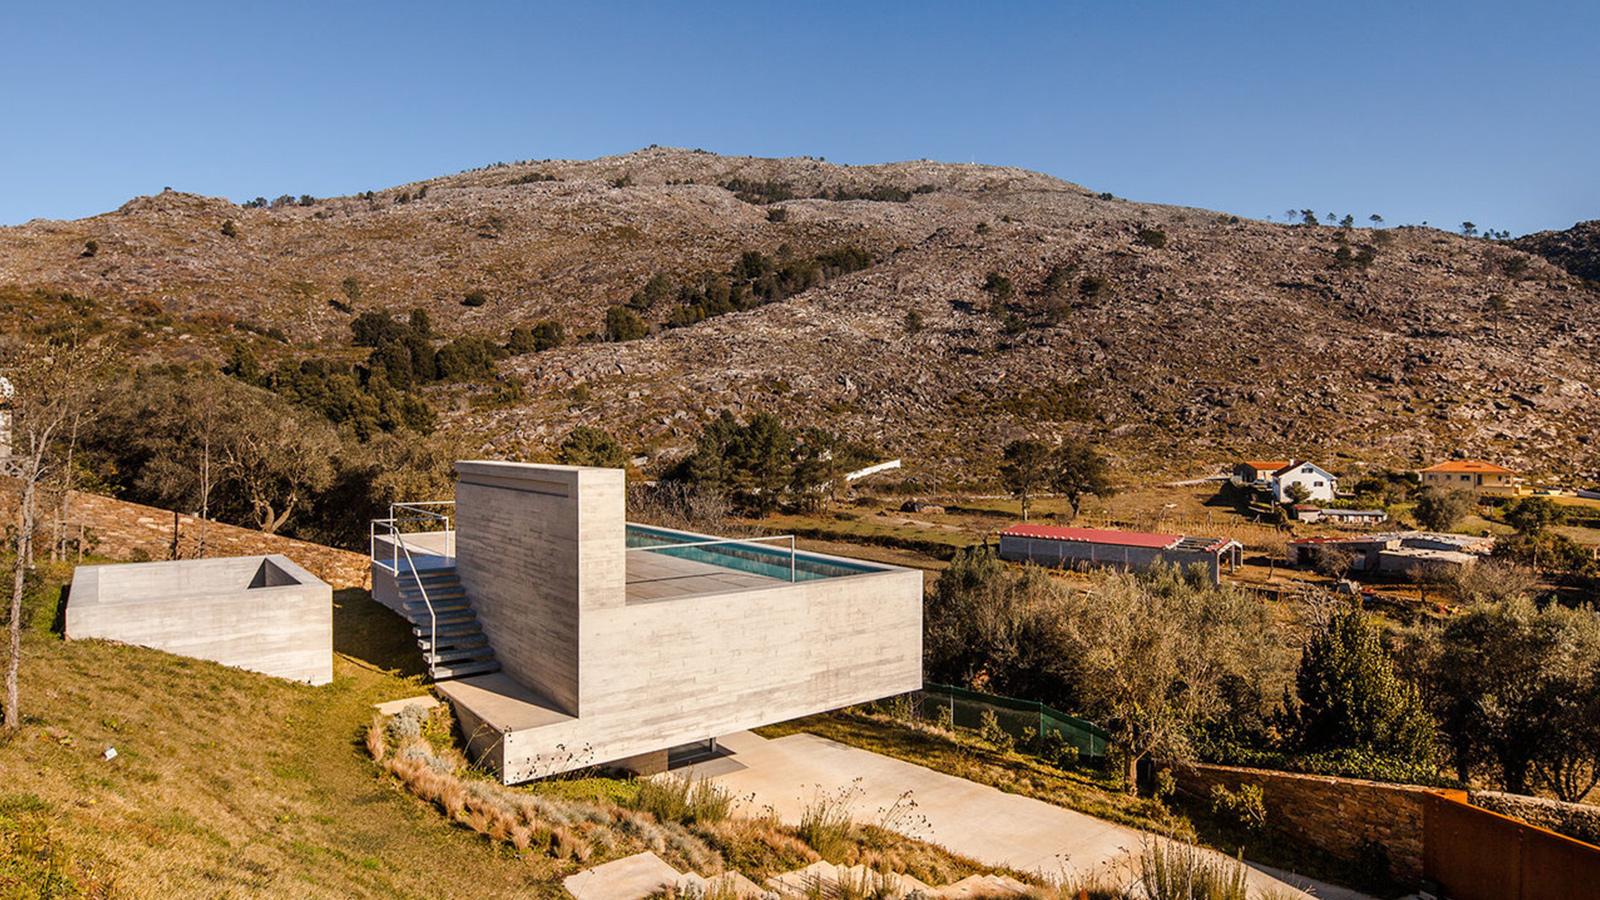 Shelter in Montaria by Carvalho Araújo